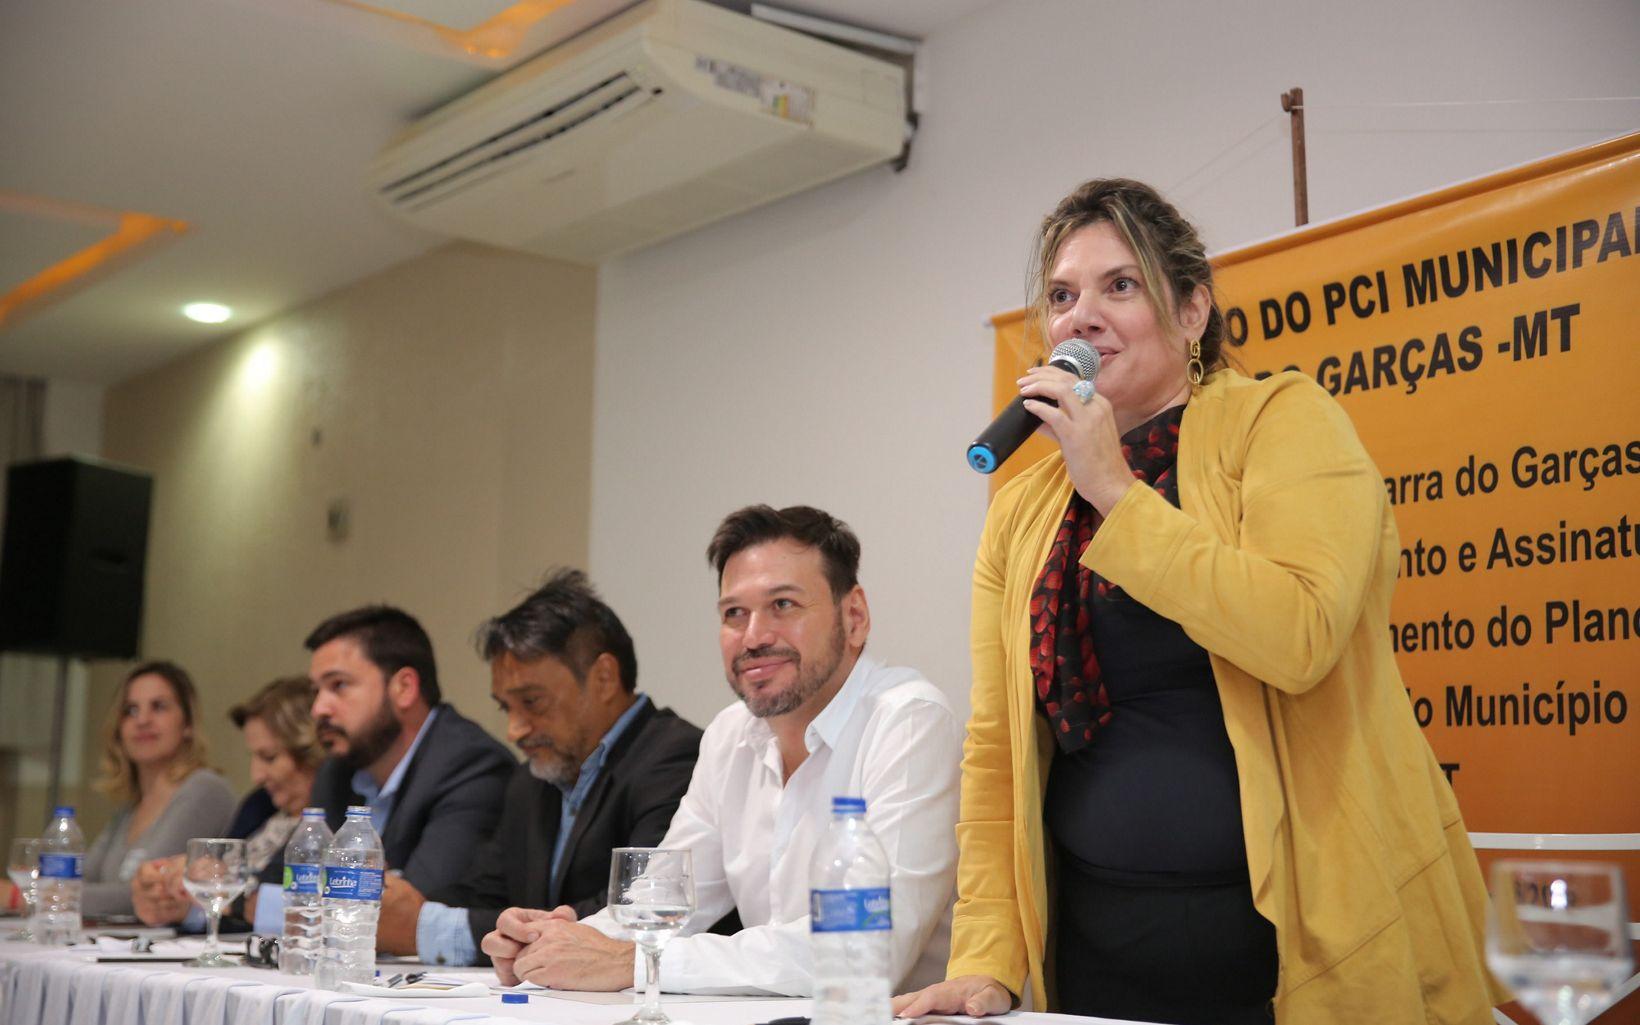 Daniela Mariuzzo, Diretora do Programa Brasil do IDH, falando durante o evento.